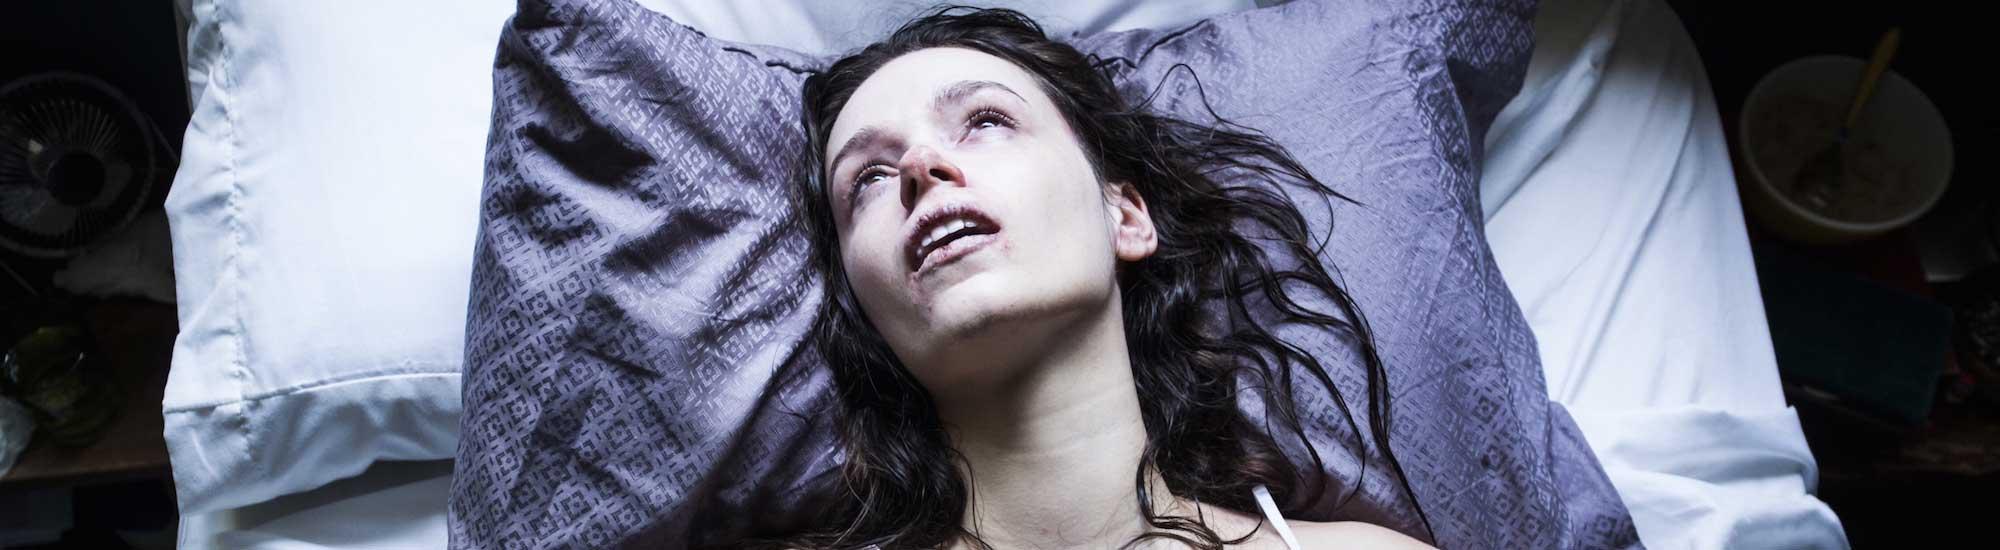 'Starry Eyes' (2014) Filmkritik